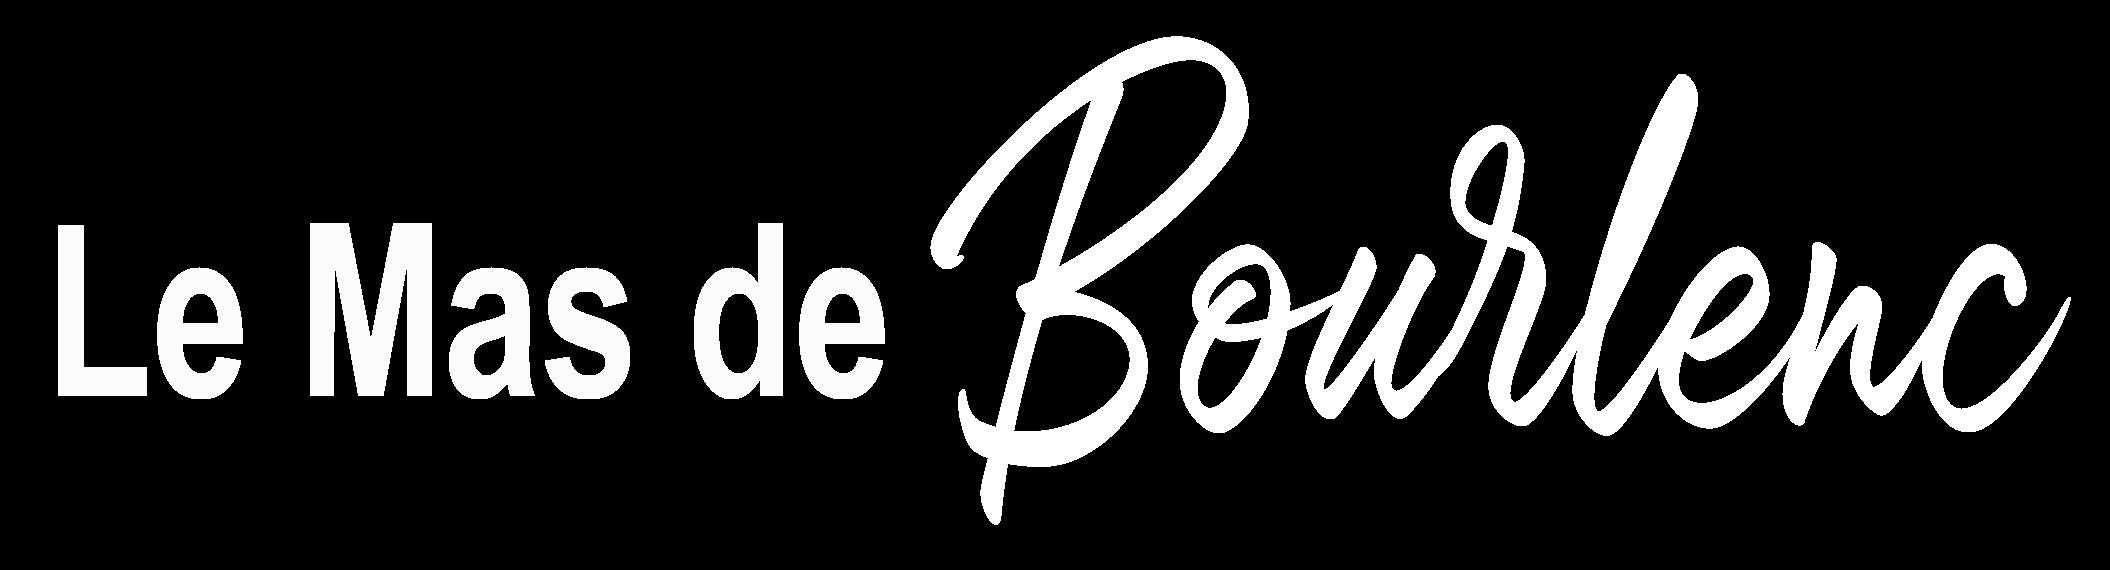 Le Mas de Bourlenc